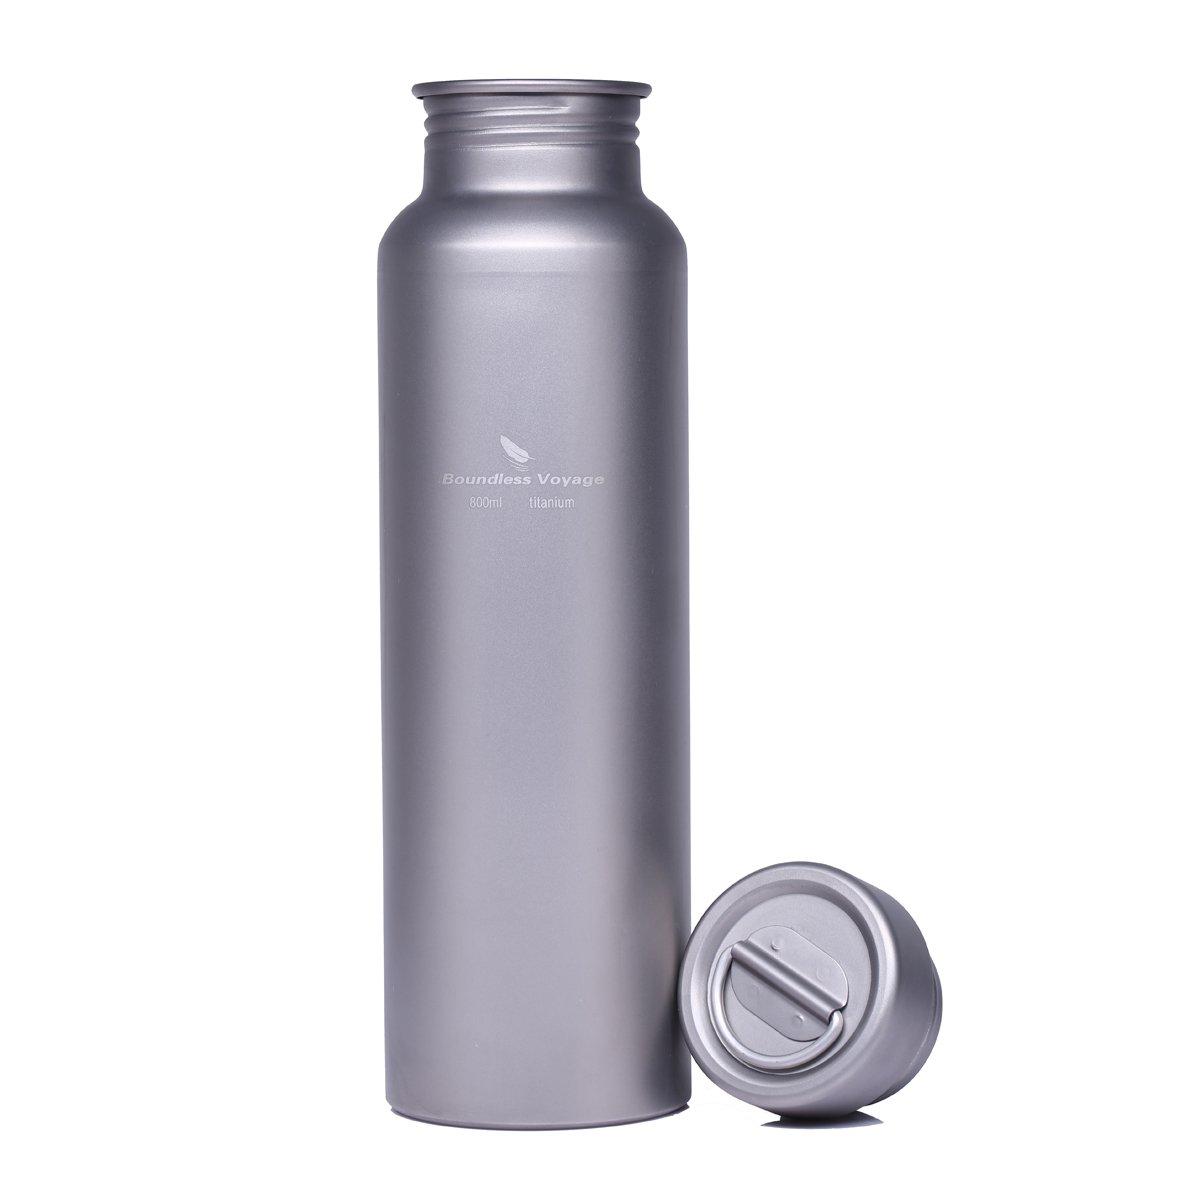 Wasser Flasche, zyvoyage [Klauenhammer/172g] 99,9% Titan Sport Wasser Flasche mit abriebfesten Tragetasche, non-leak, umweltfreundlich Langlebige Titan Fahrrad Wasser Flaschen Camping Trinkflasche für Outdoor